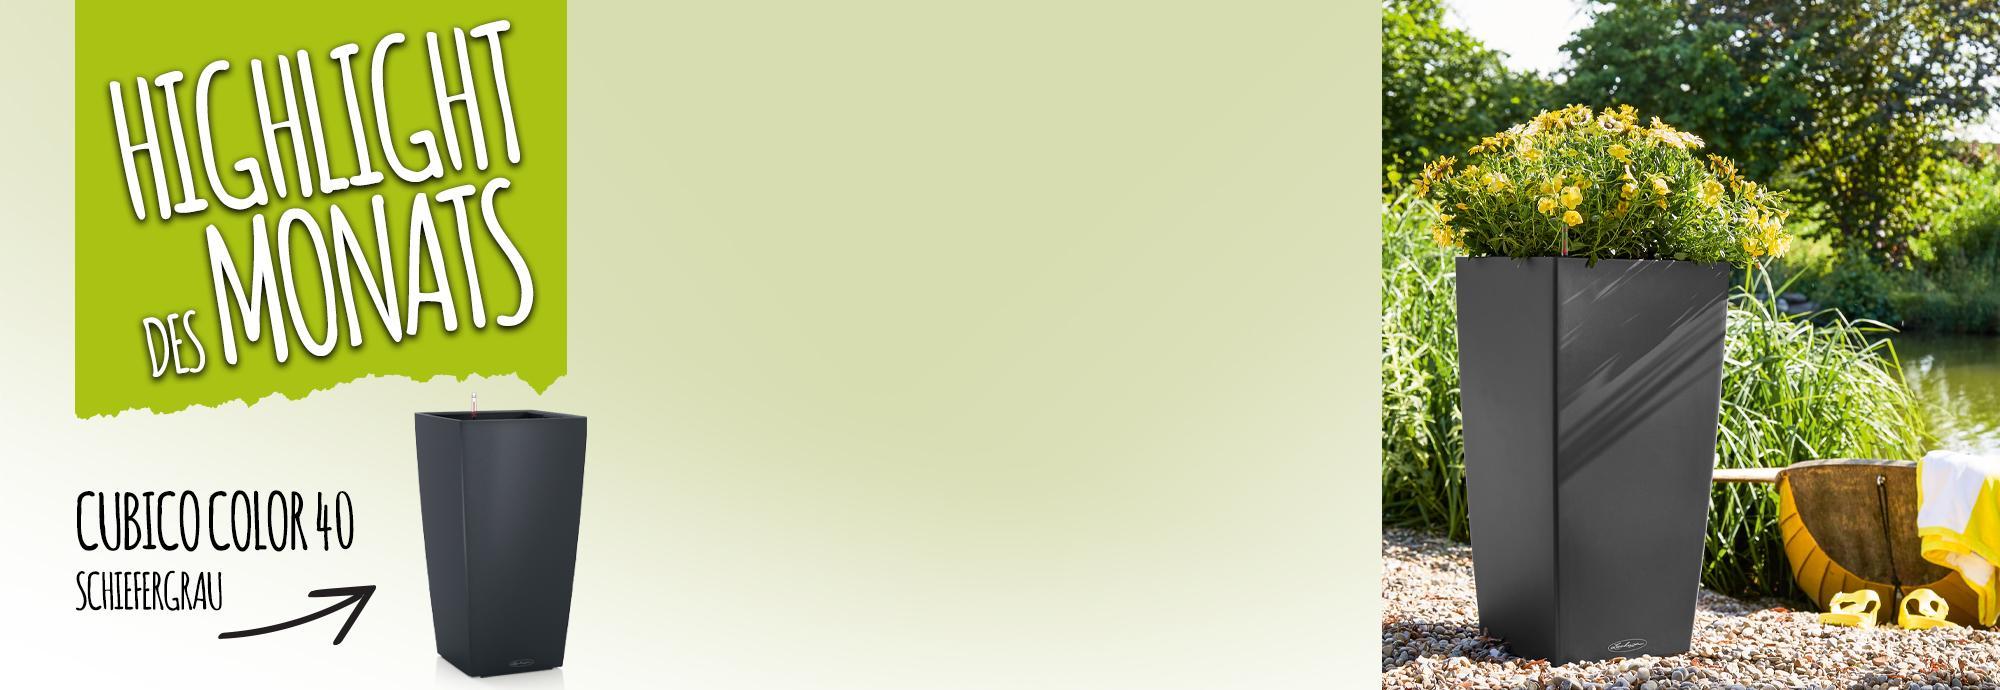 Catch of the Month: 15 Prozent sparen beim Kauf von CUBICO Color 40 schiefergrau